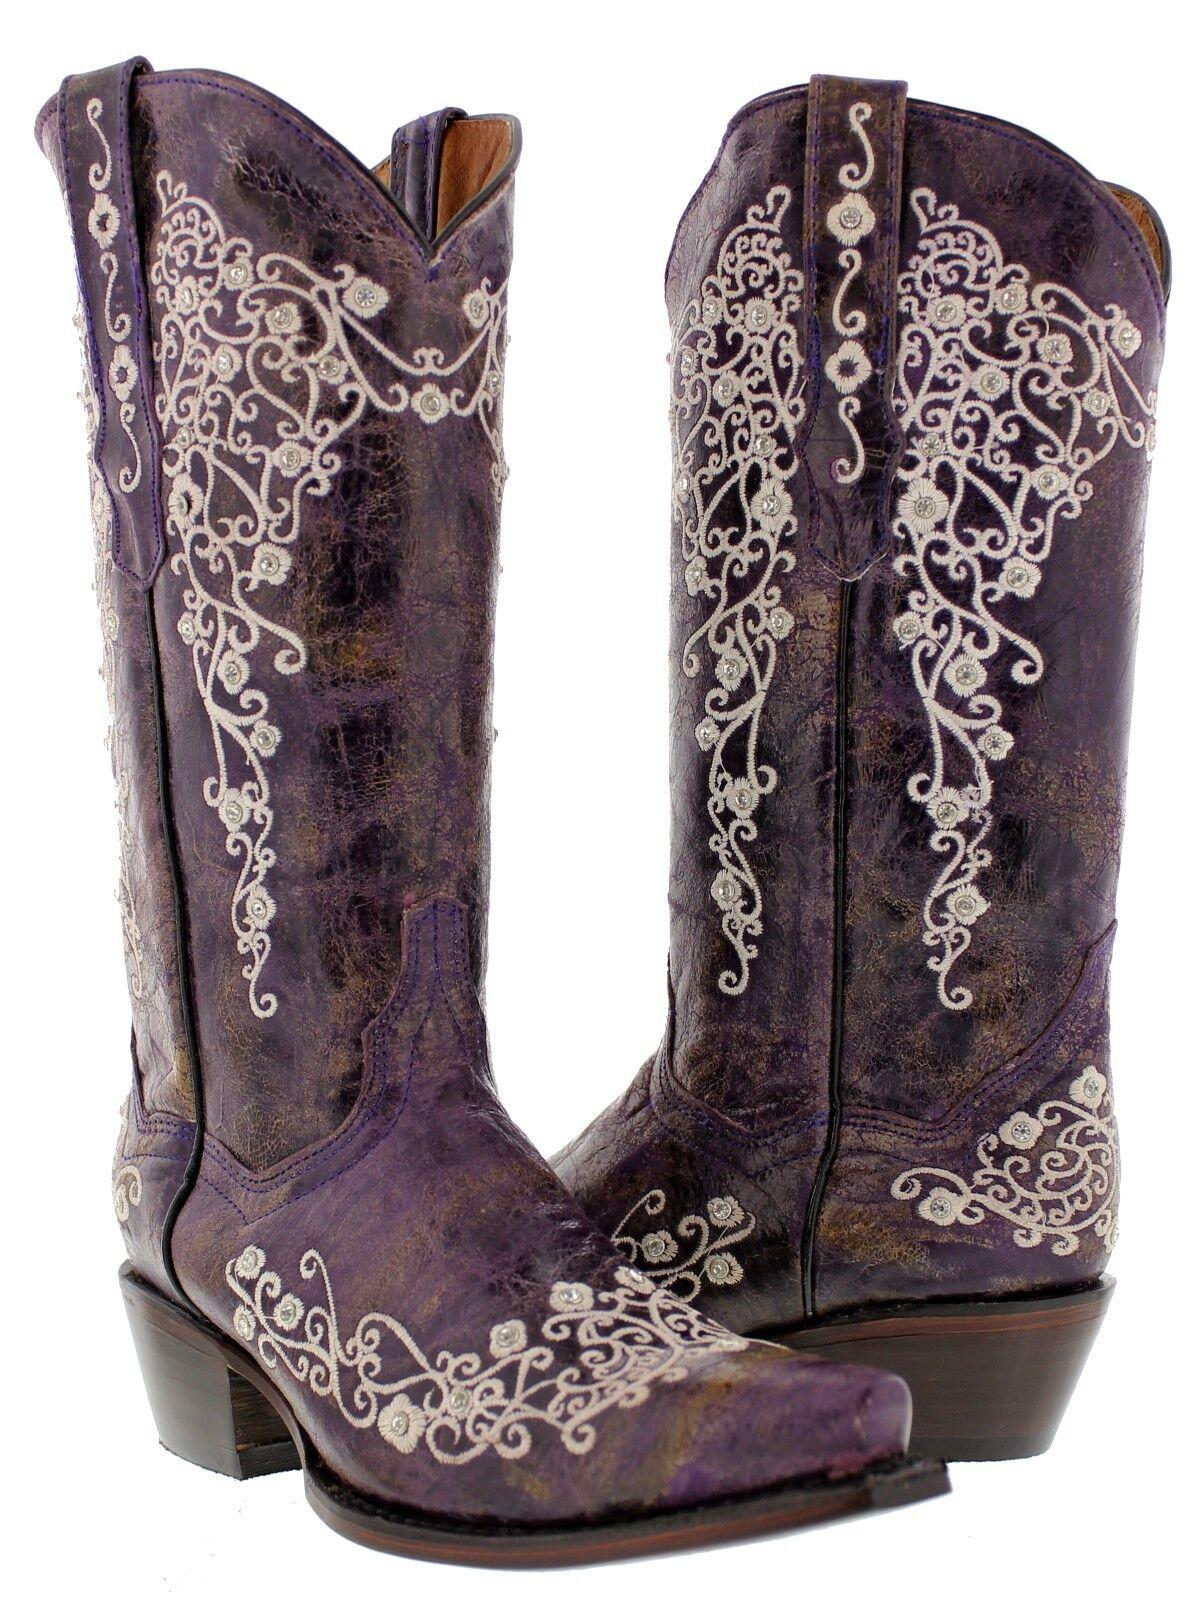 sconti e altro donna viola Leather Western Cowboy stivali Rhinestones Rodeo Cowgirl Cowgirl Cowgirl  garantito